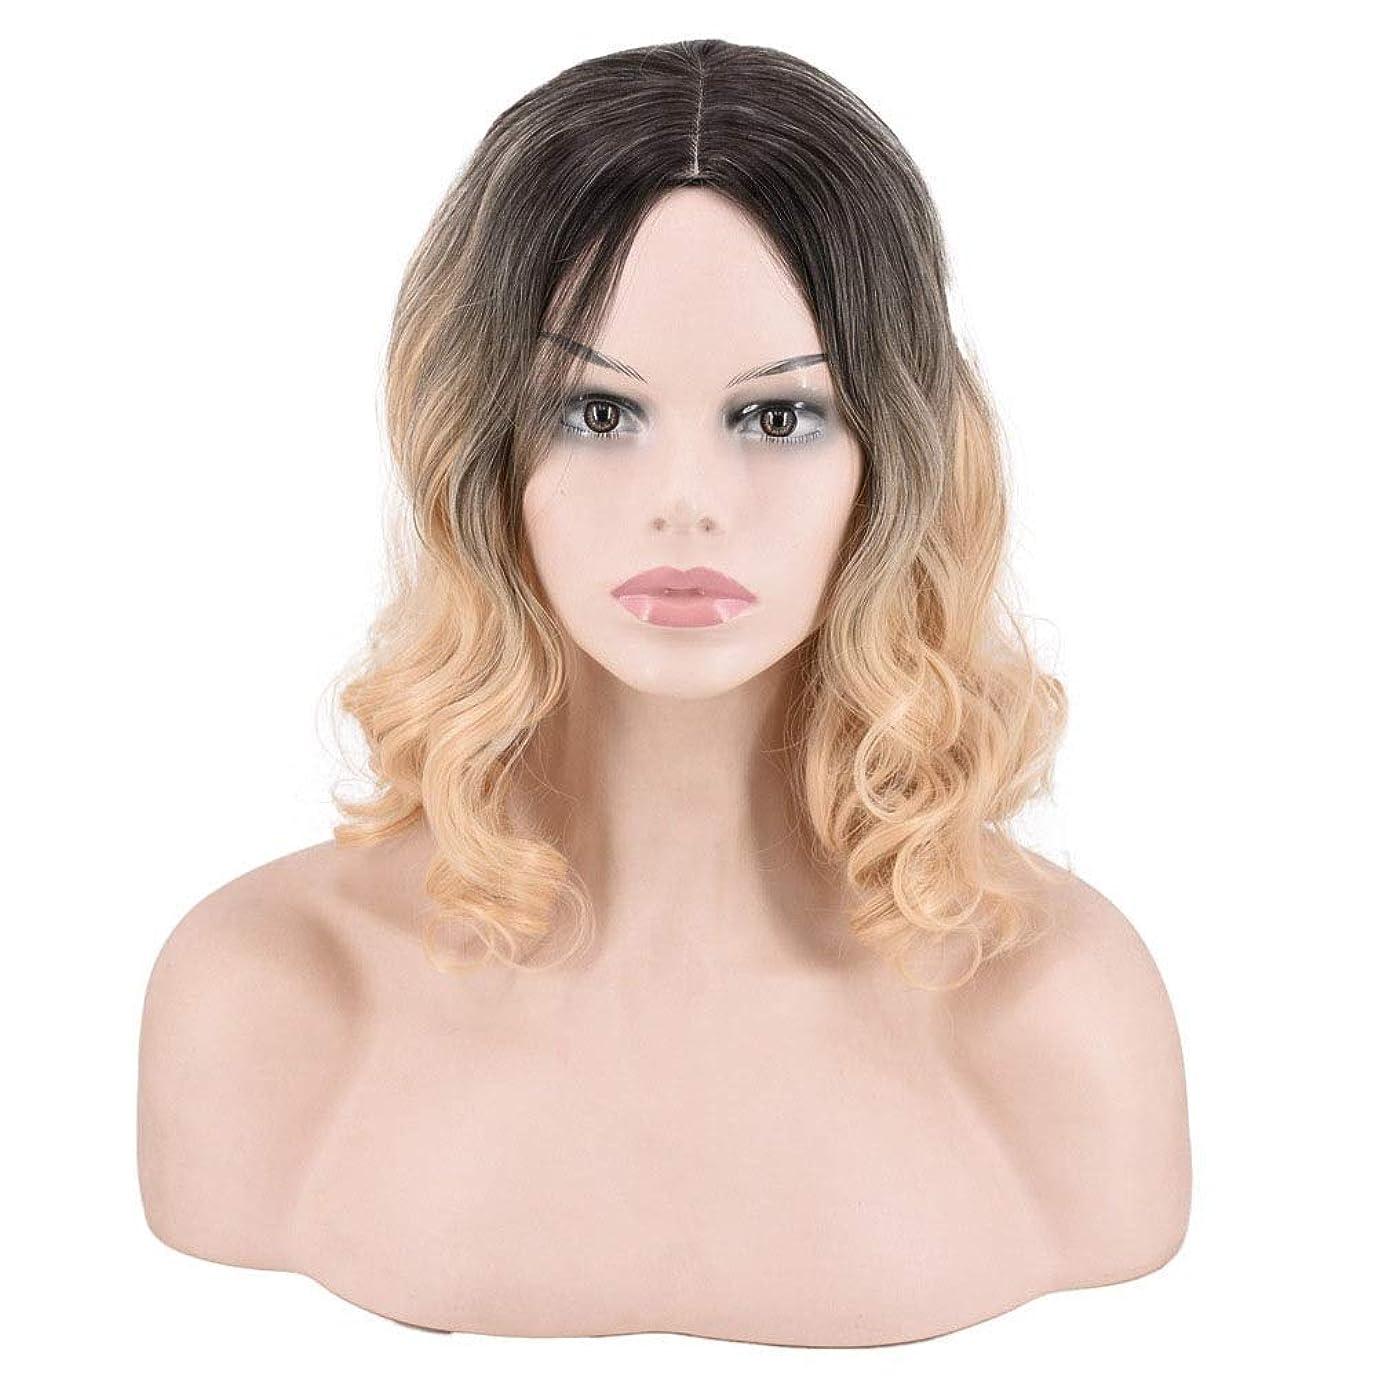 アクセス聴く不安定なMayalina ブロンドのグラデーションふわふわ梨花ロール女性の肩のカールビッグウェーブかつら複合毛レースのかつらロールプレイングかつら (色 : Blonde)